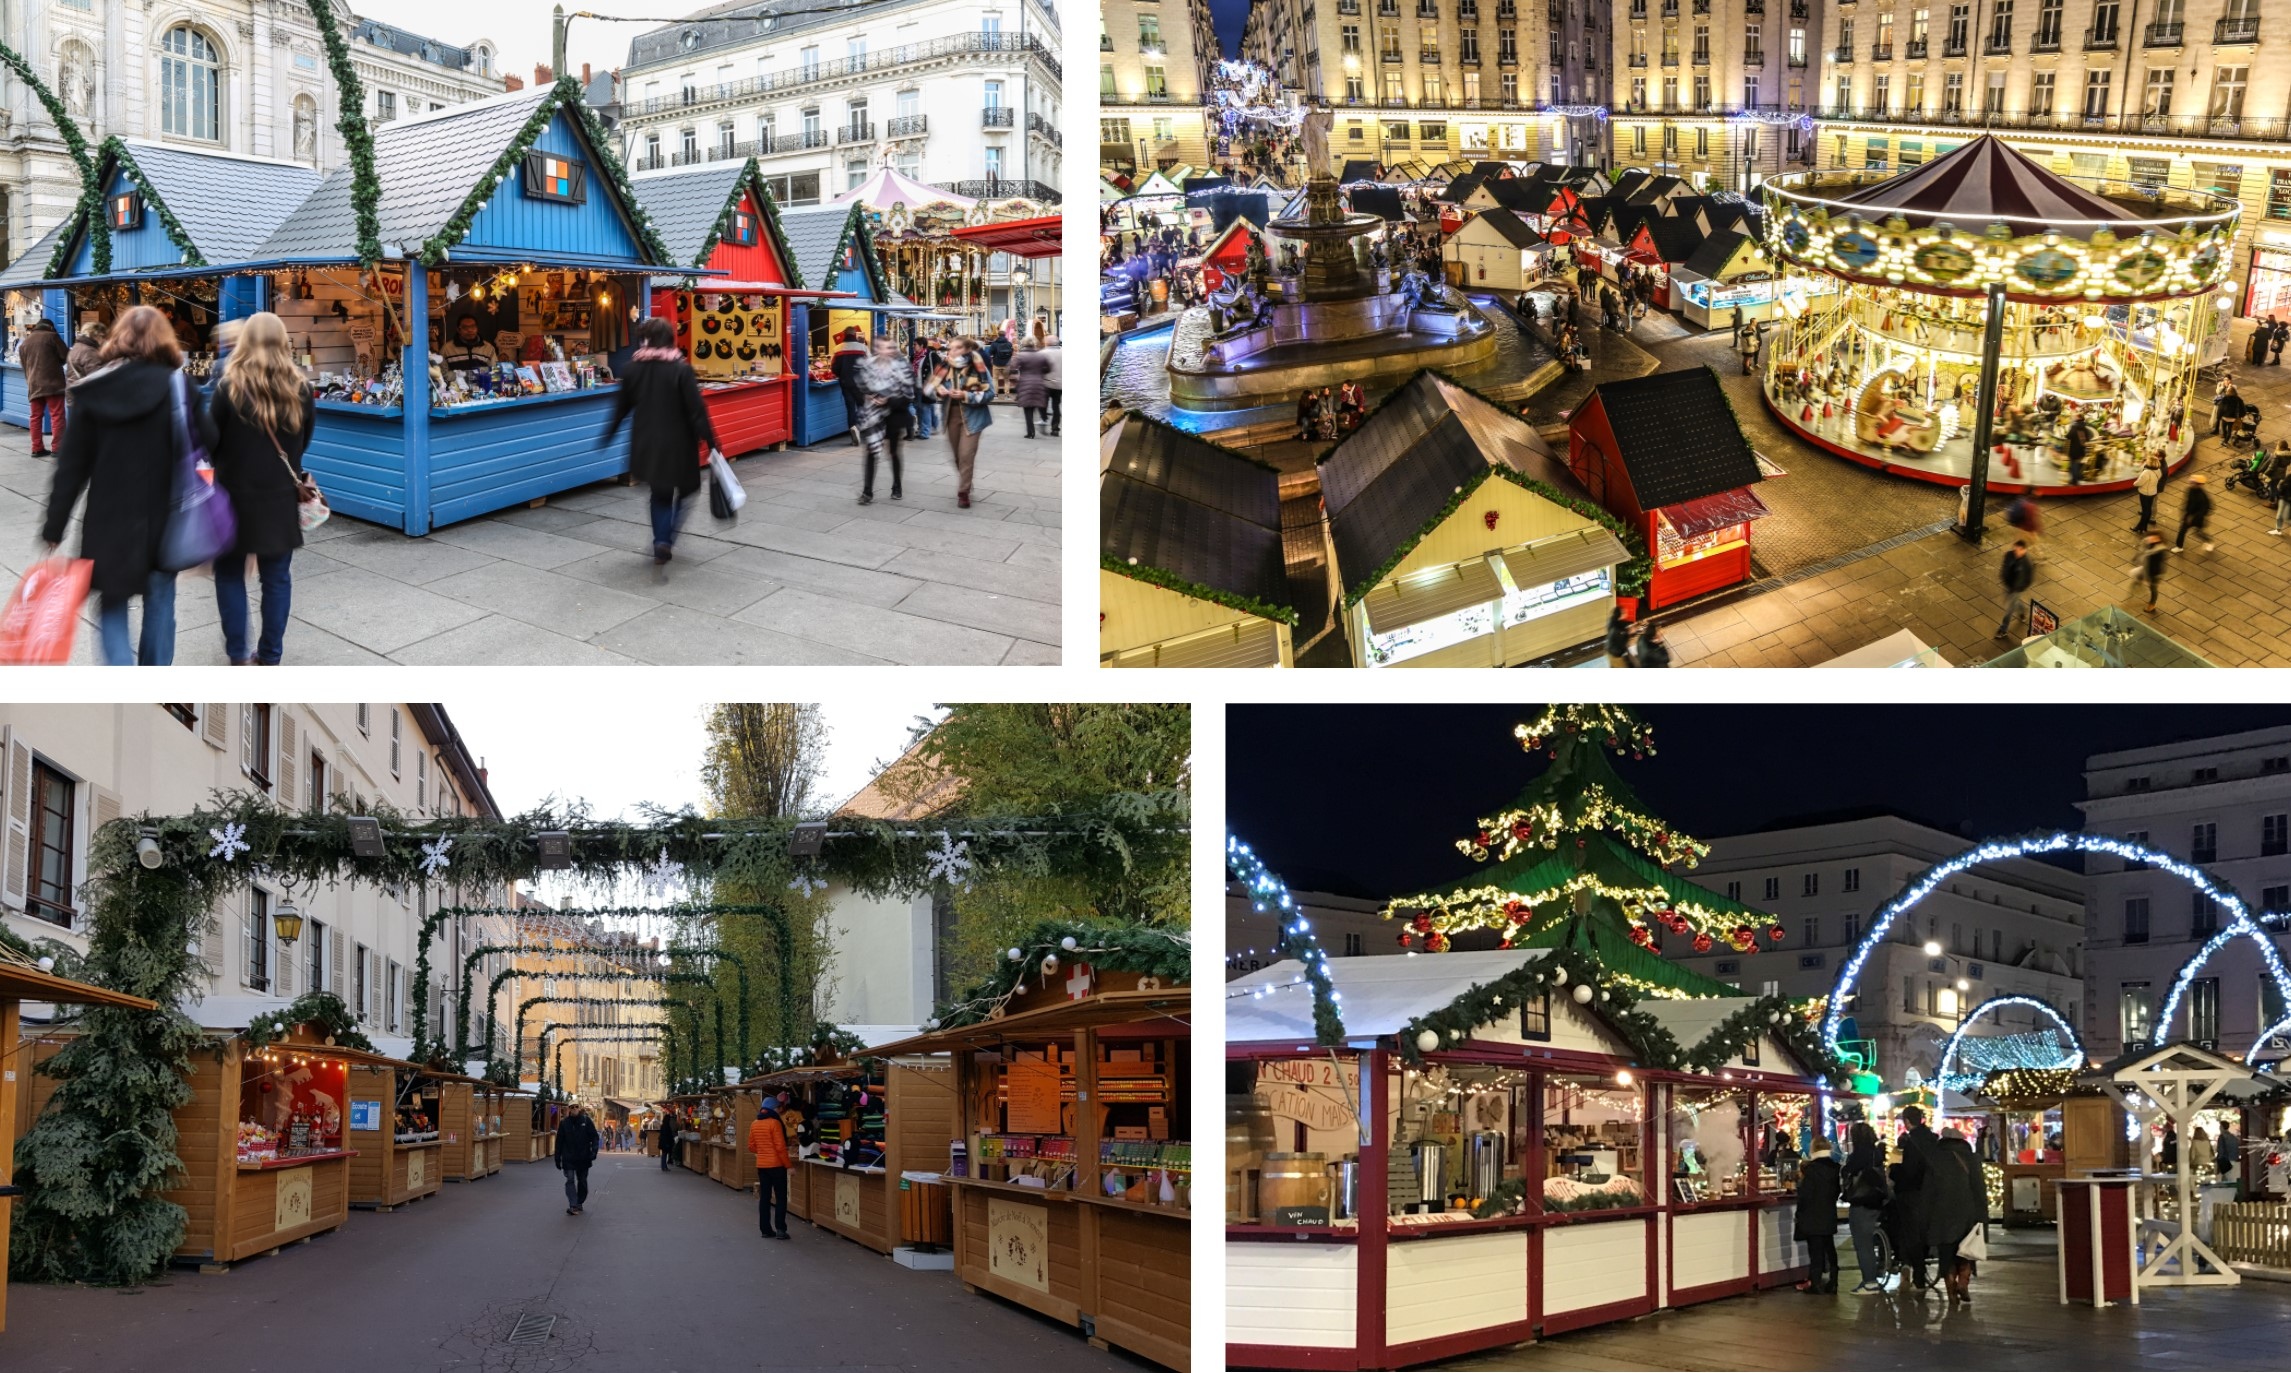 Vue de plusieurs marchés de Noël et leurs chalets